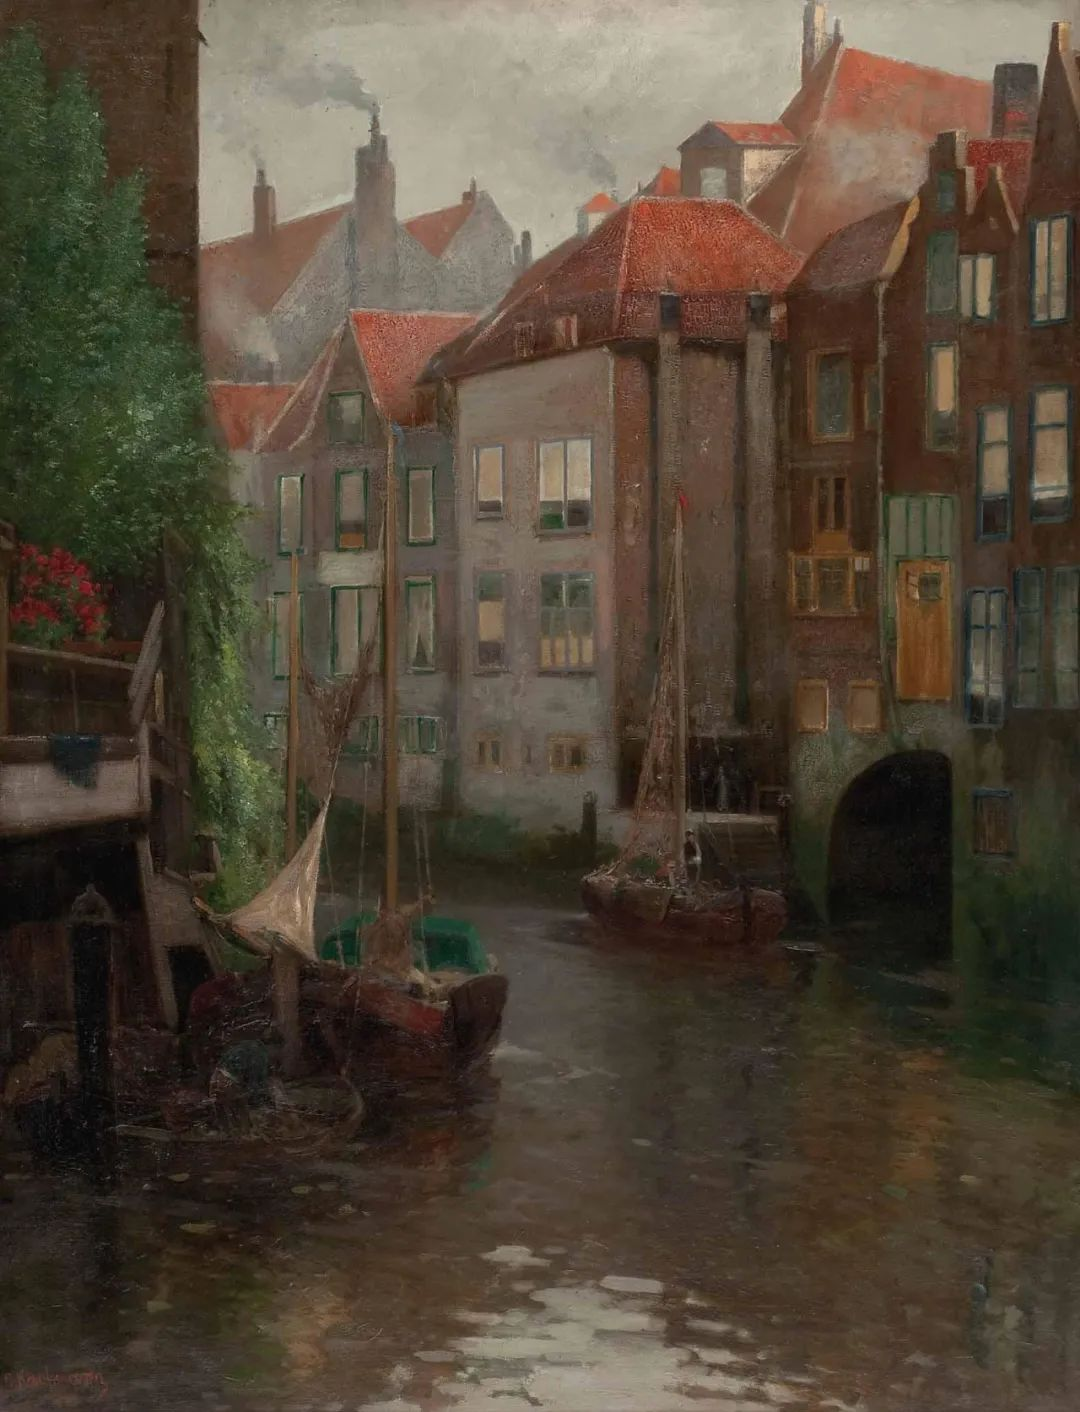 风景油画丨奥地利画家阿道夫·考夫曼的精美风景画插图11